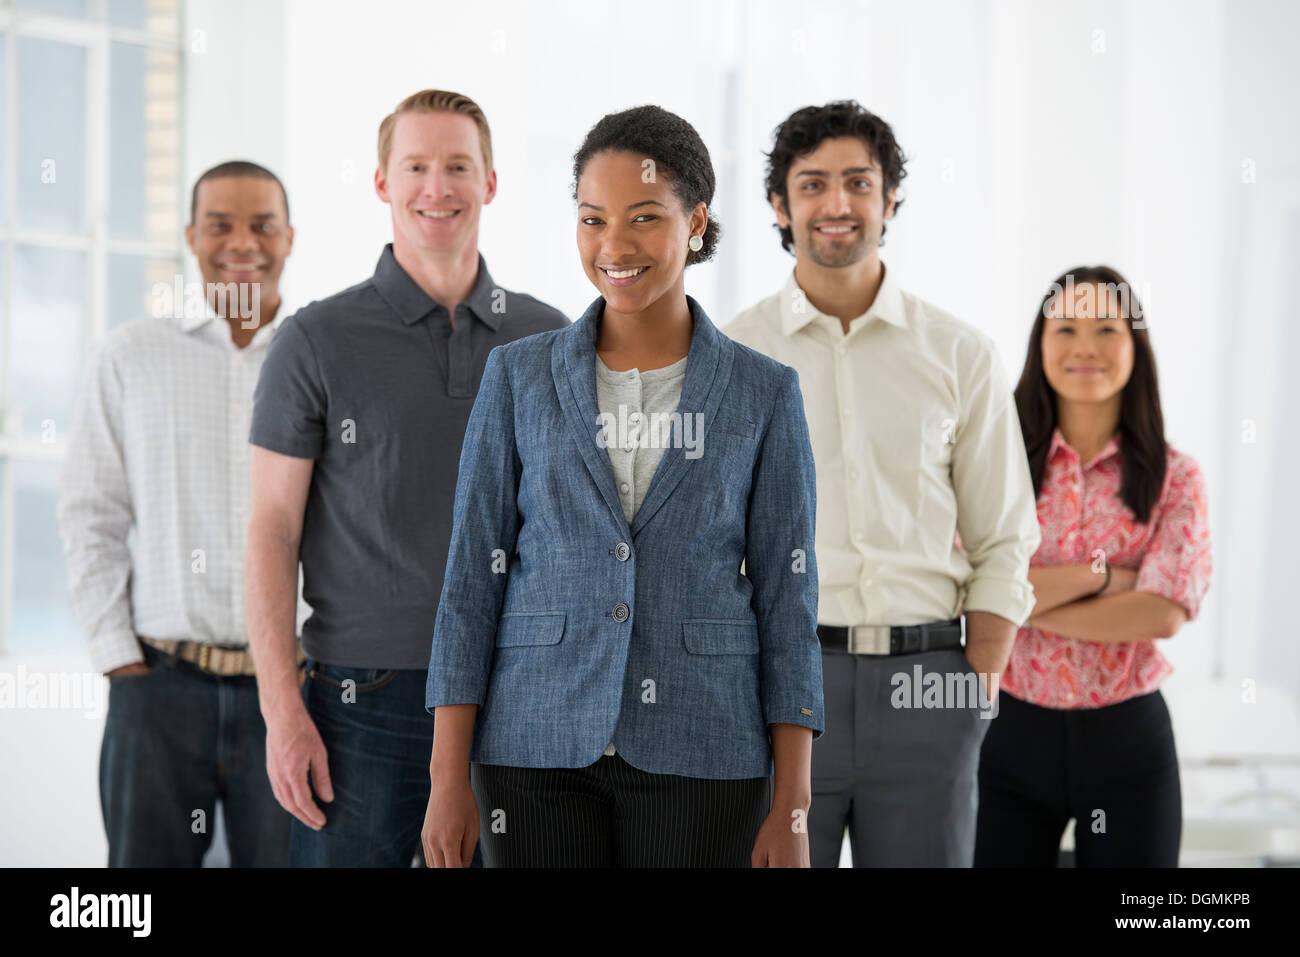 Geschäft. Ein Team von Menschen, eine Multi-ethnische Gruppe, Männer und Frauen in einer Gruppe. Stockfoto